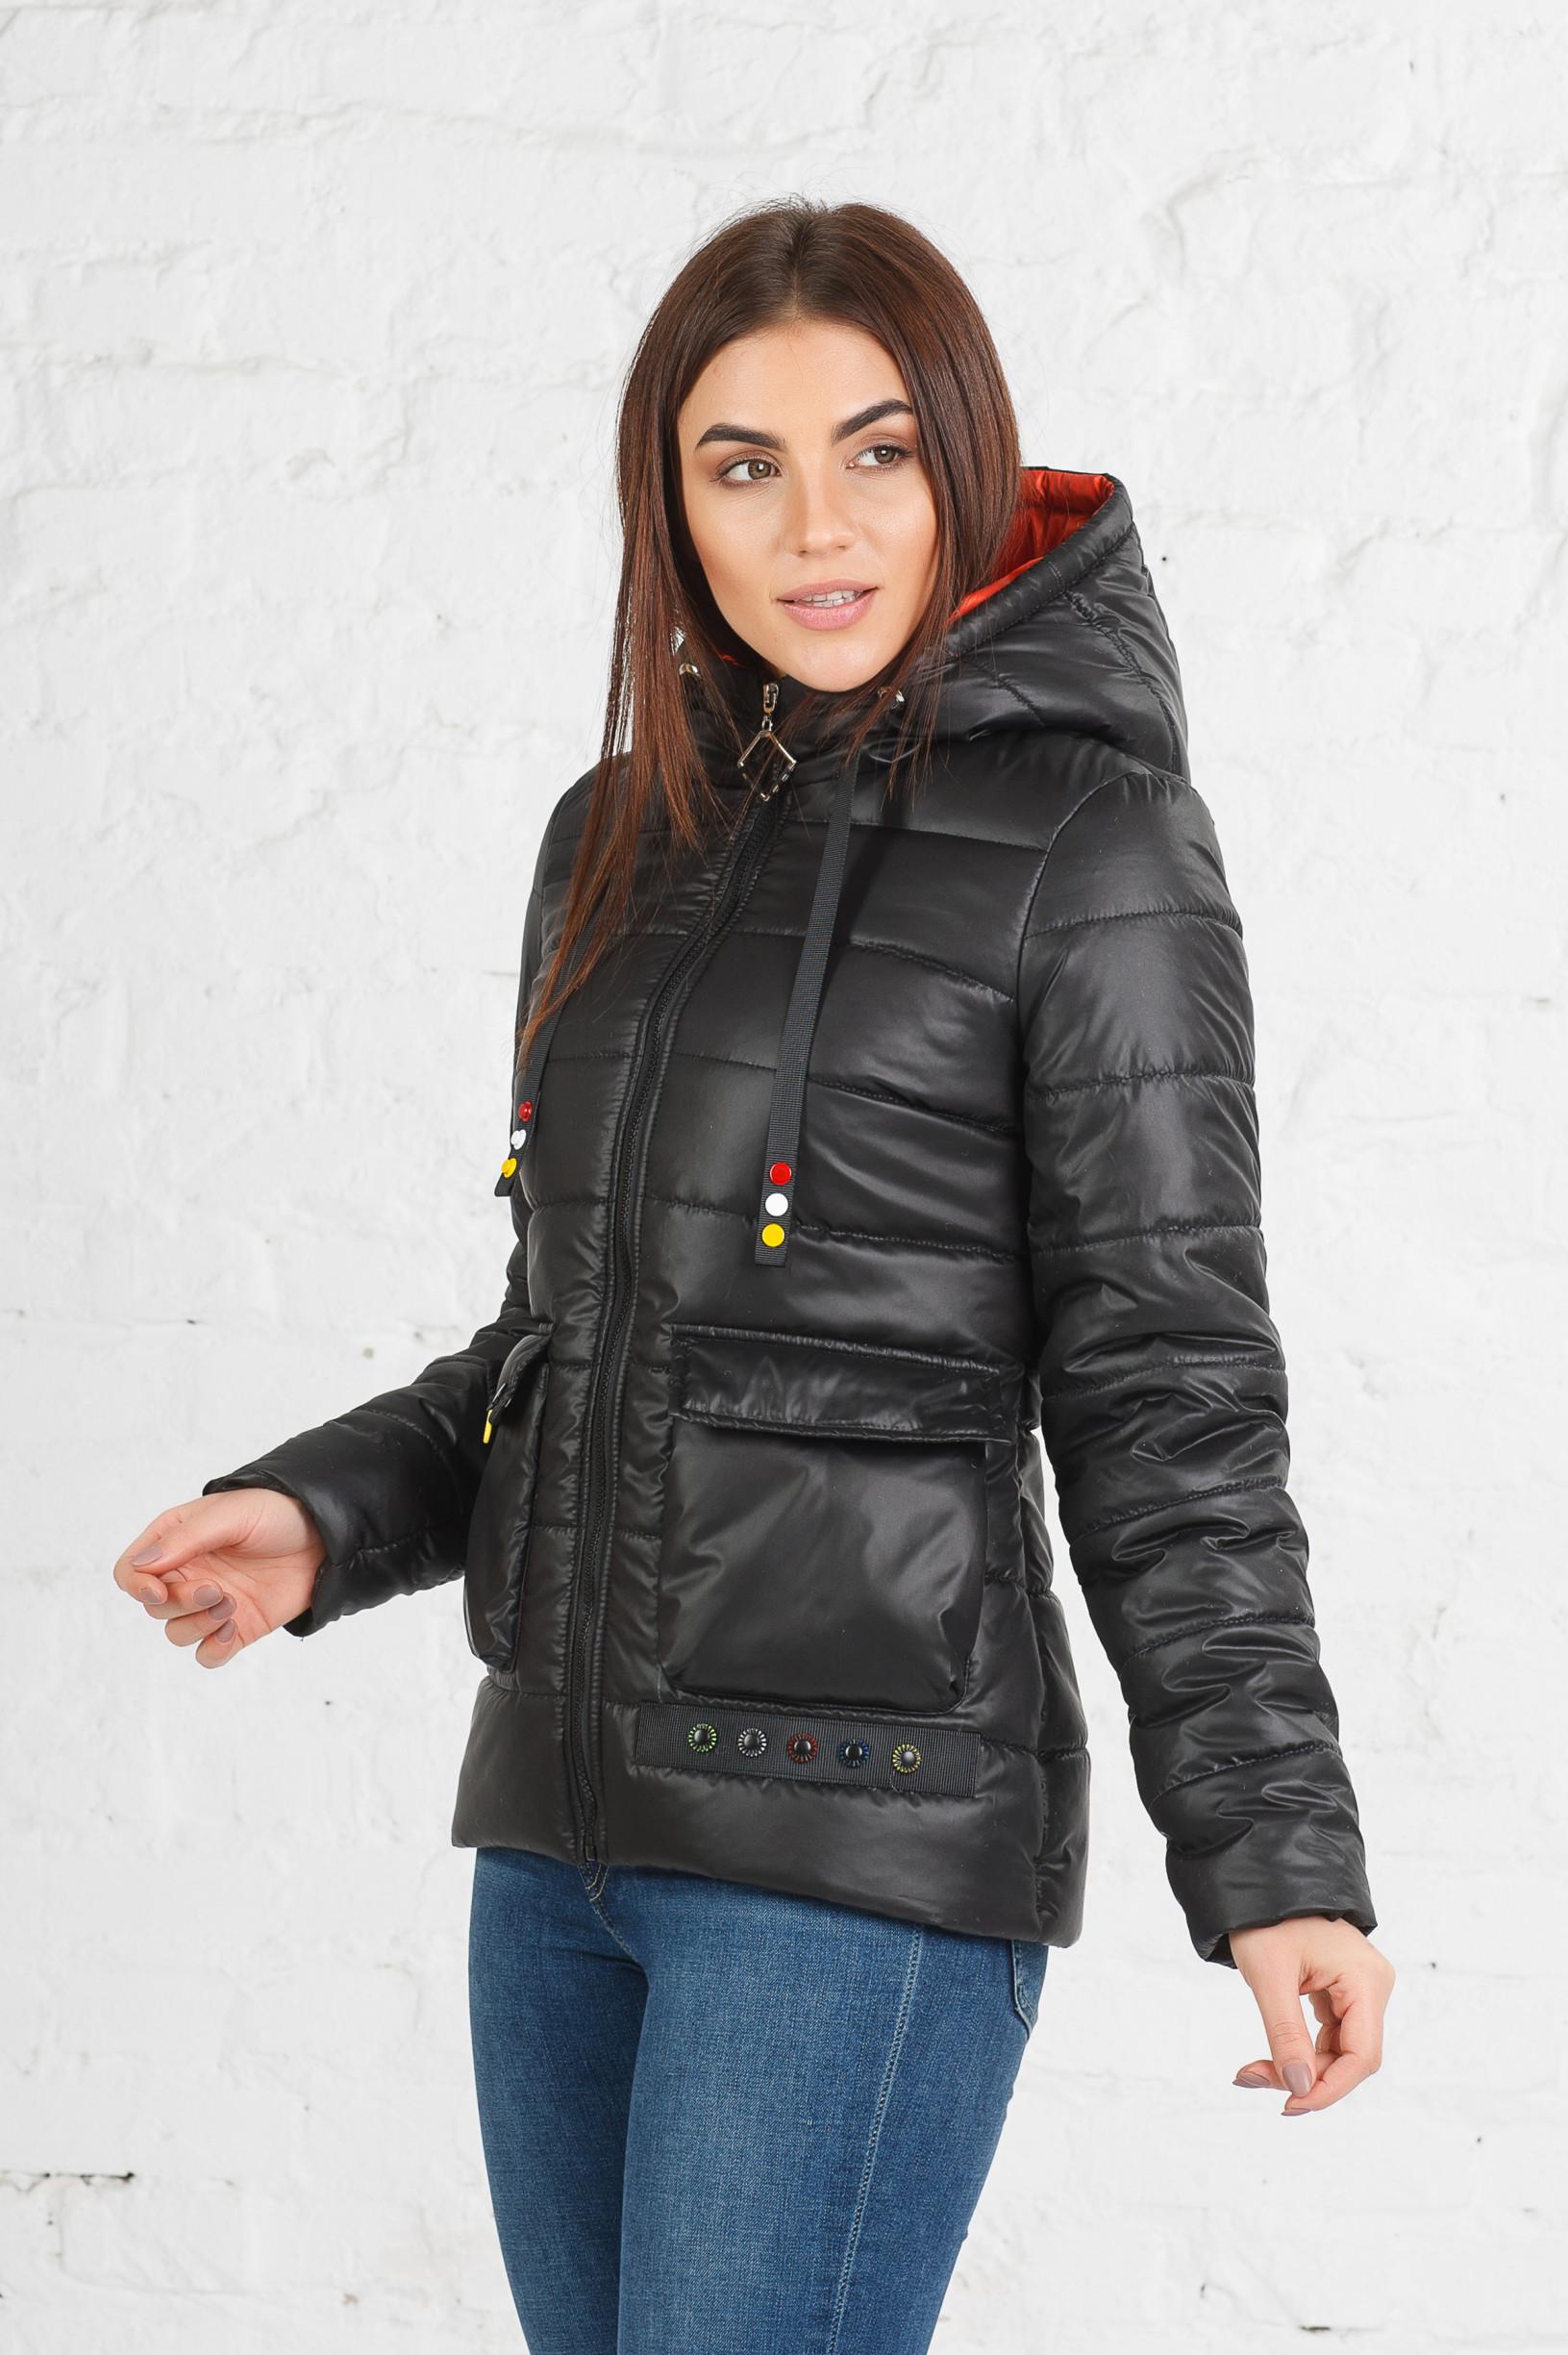 Куртка полуприлегающая Адель чёрного цвета